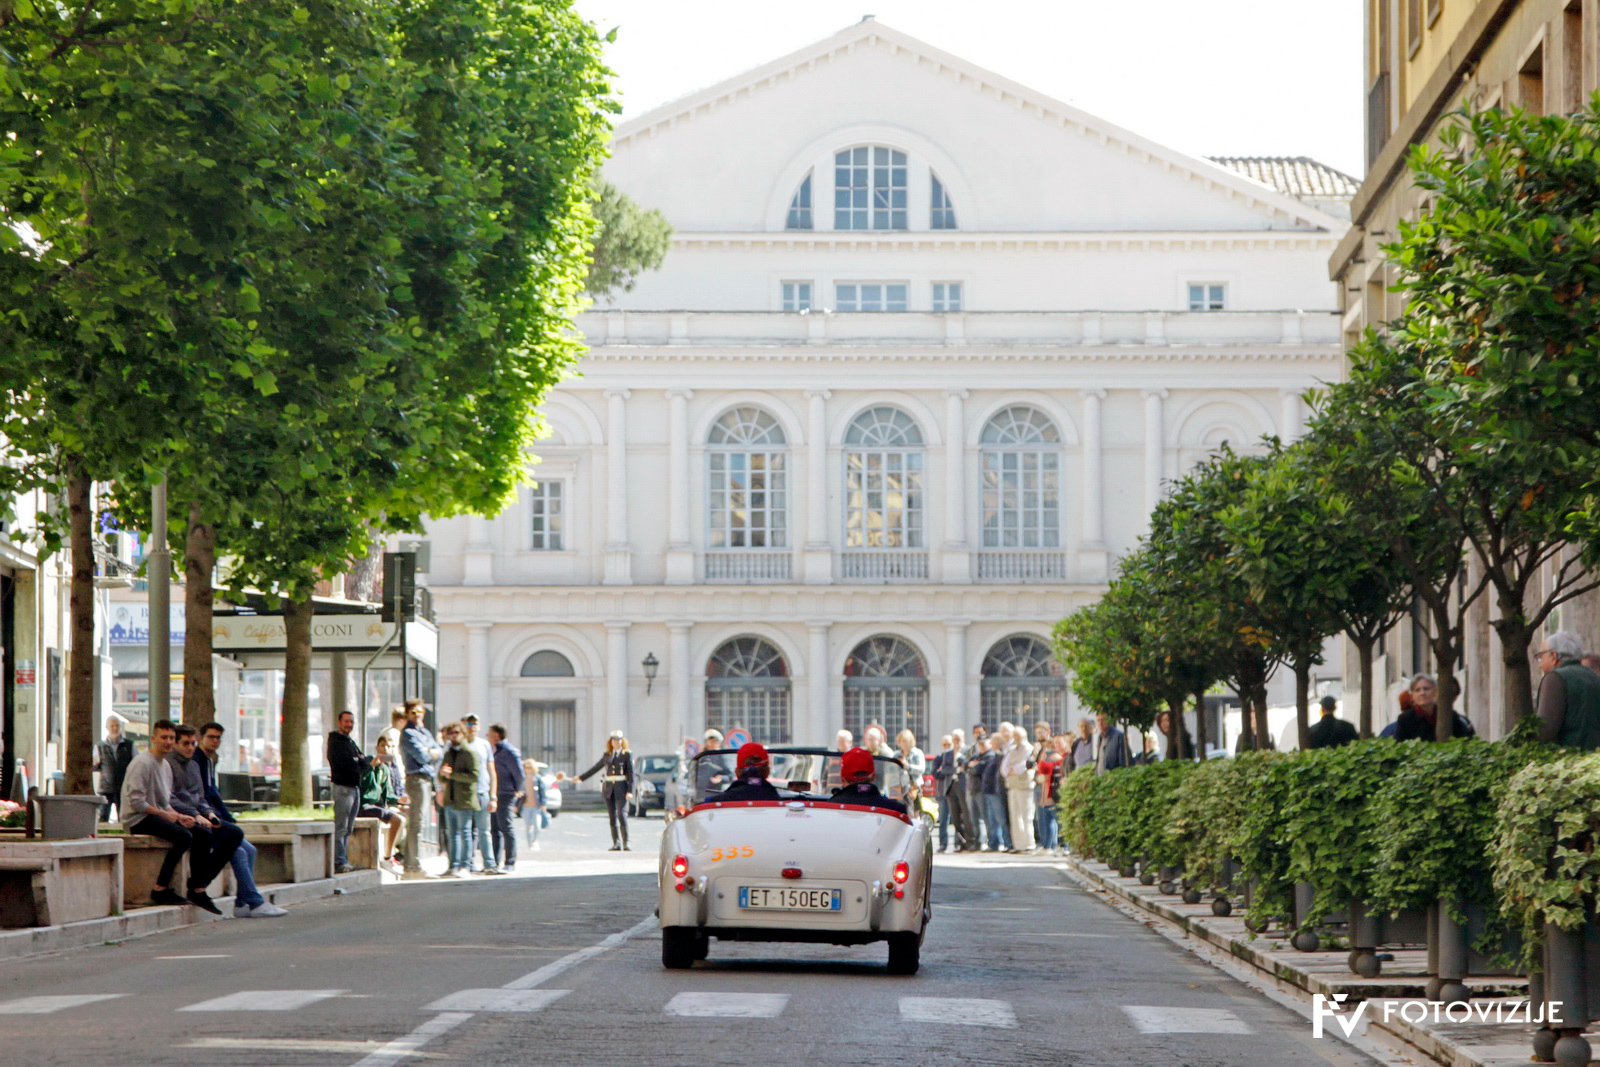 Mille Miglia 2018: Umirjeno po glavni ulici - triumph TR2 sports